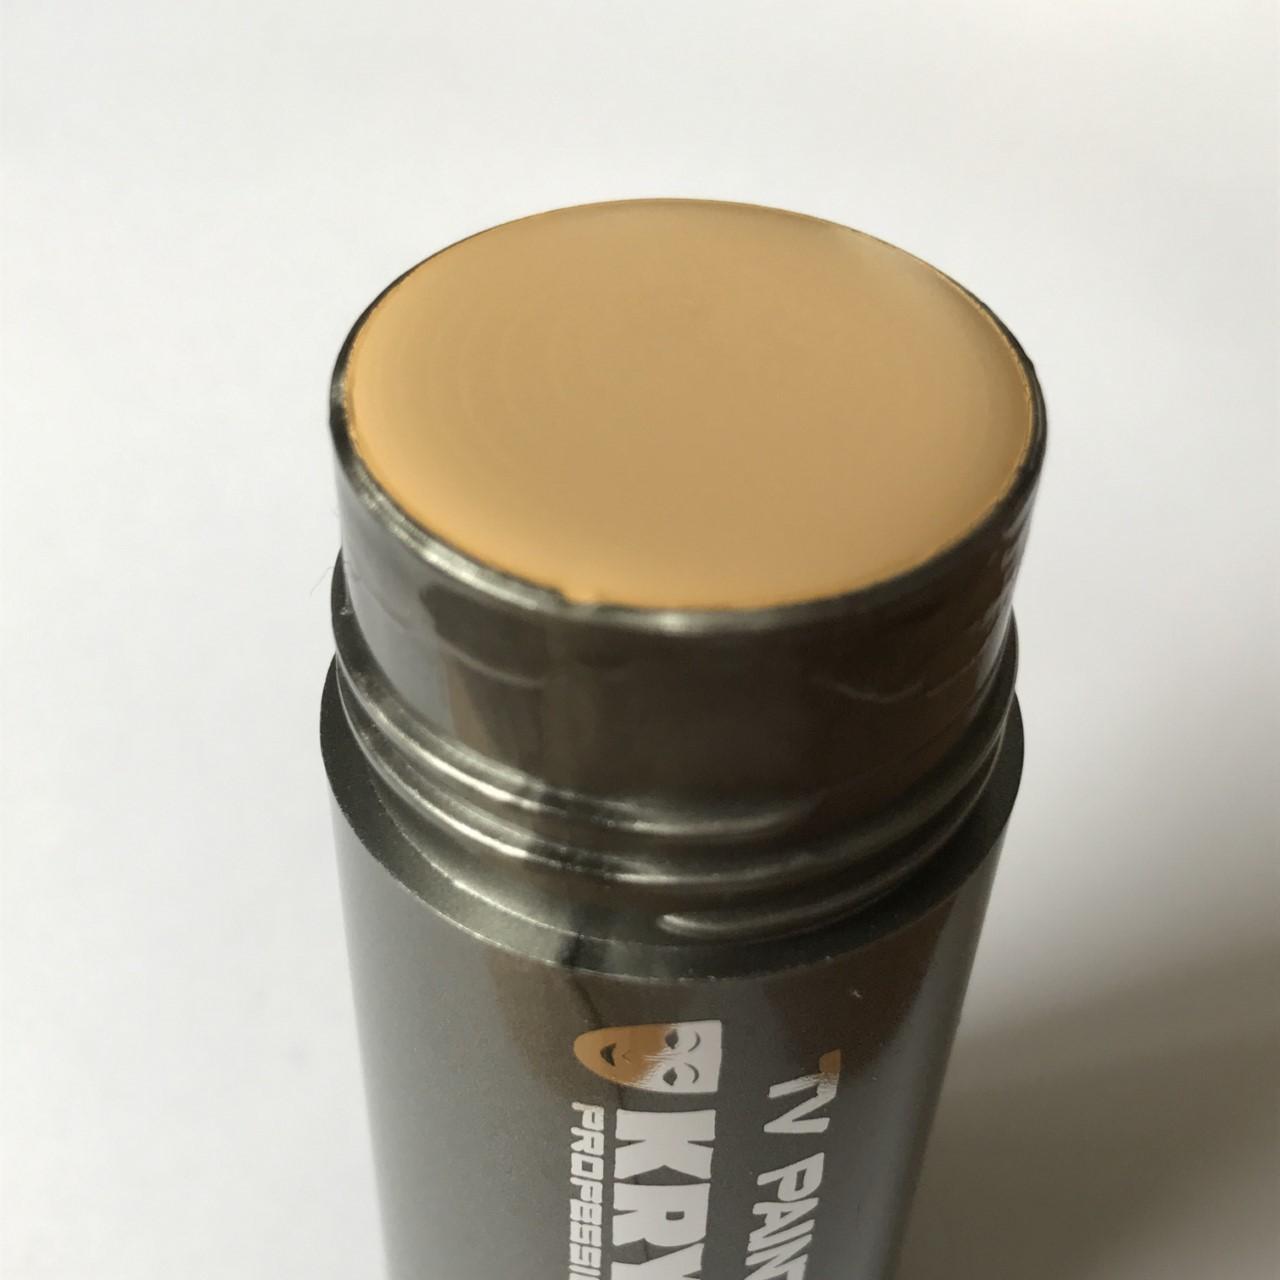 Maquillage kryolan paint stick 5047 ivoir